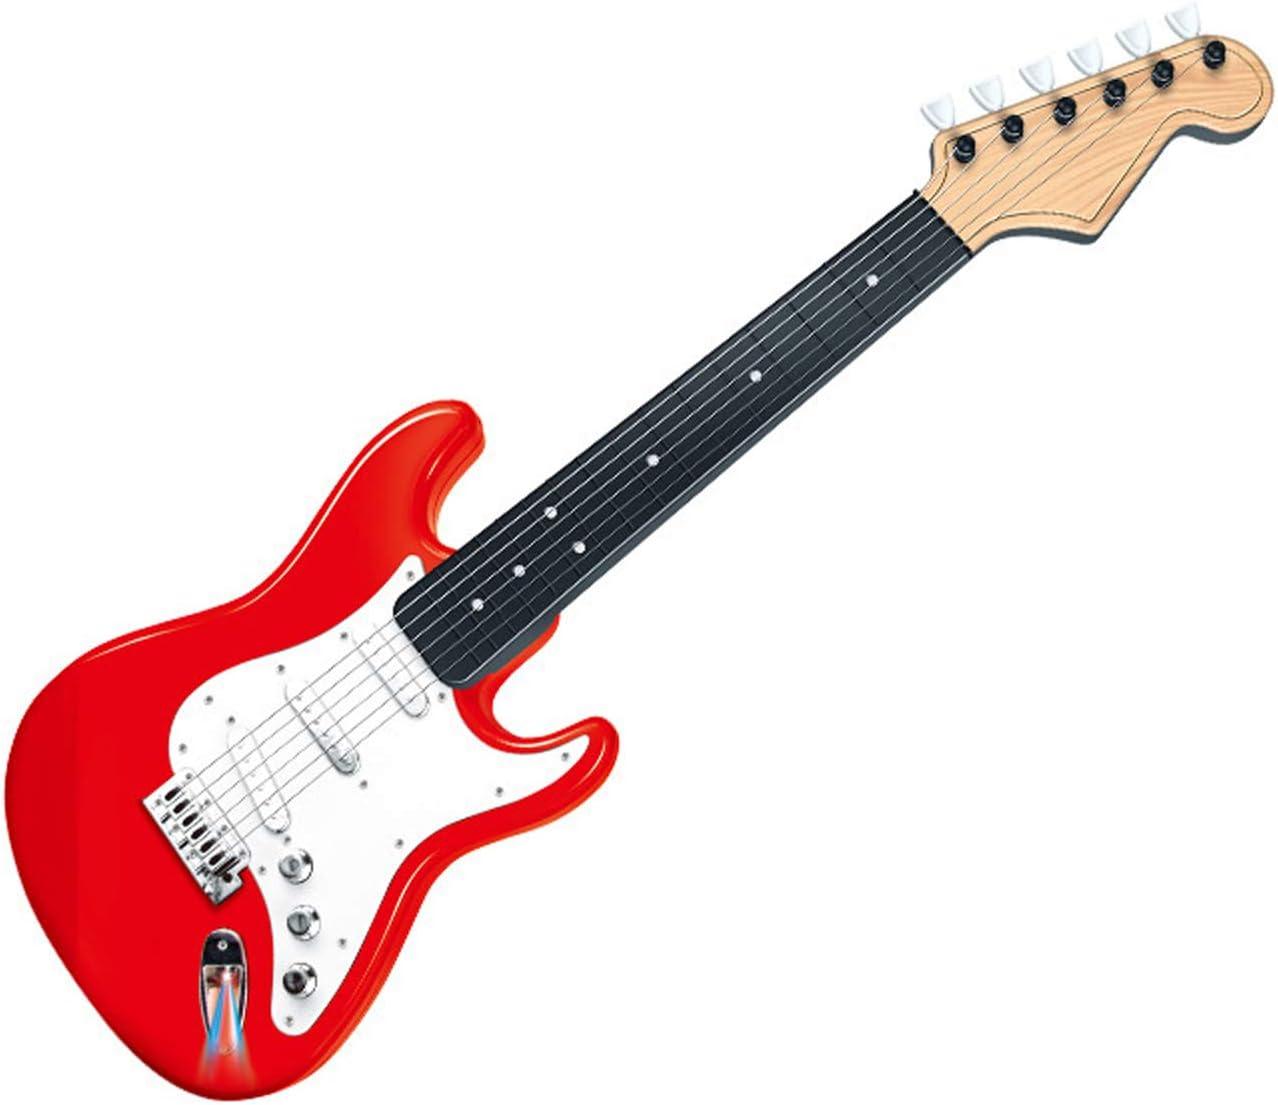 ZHX Guitarra eléctrica para Principiantes, Soprano Juguete Educativo, 24 x 6 x 66 cm, Diversión Aprender Guitarra Instrumento Musical de Cuerda para los niños de 6 7+